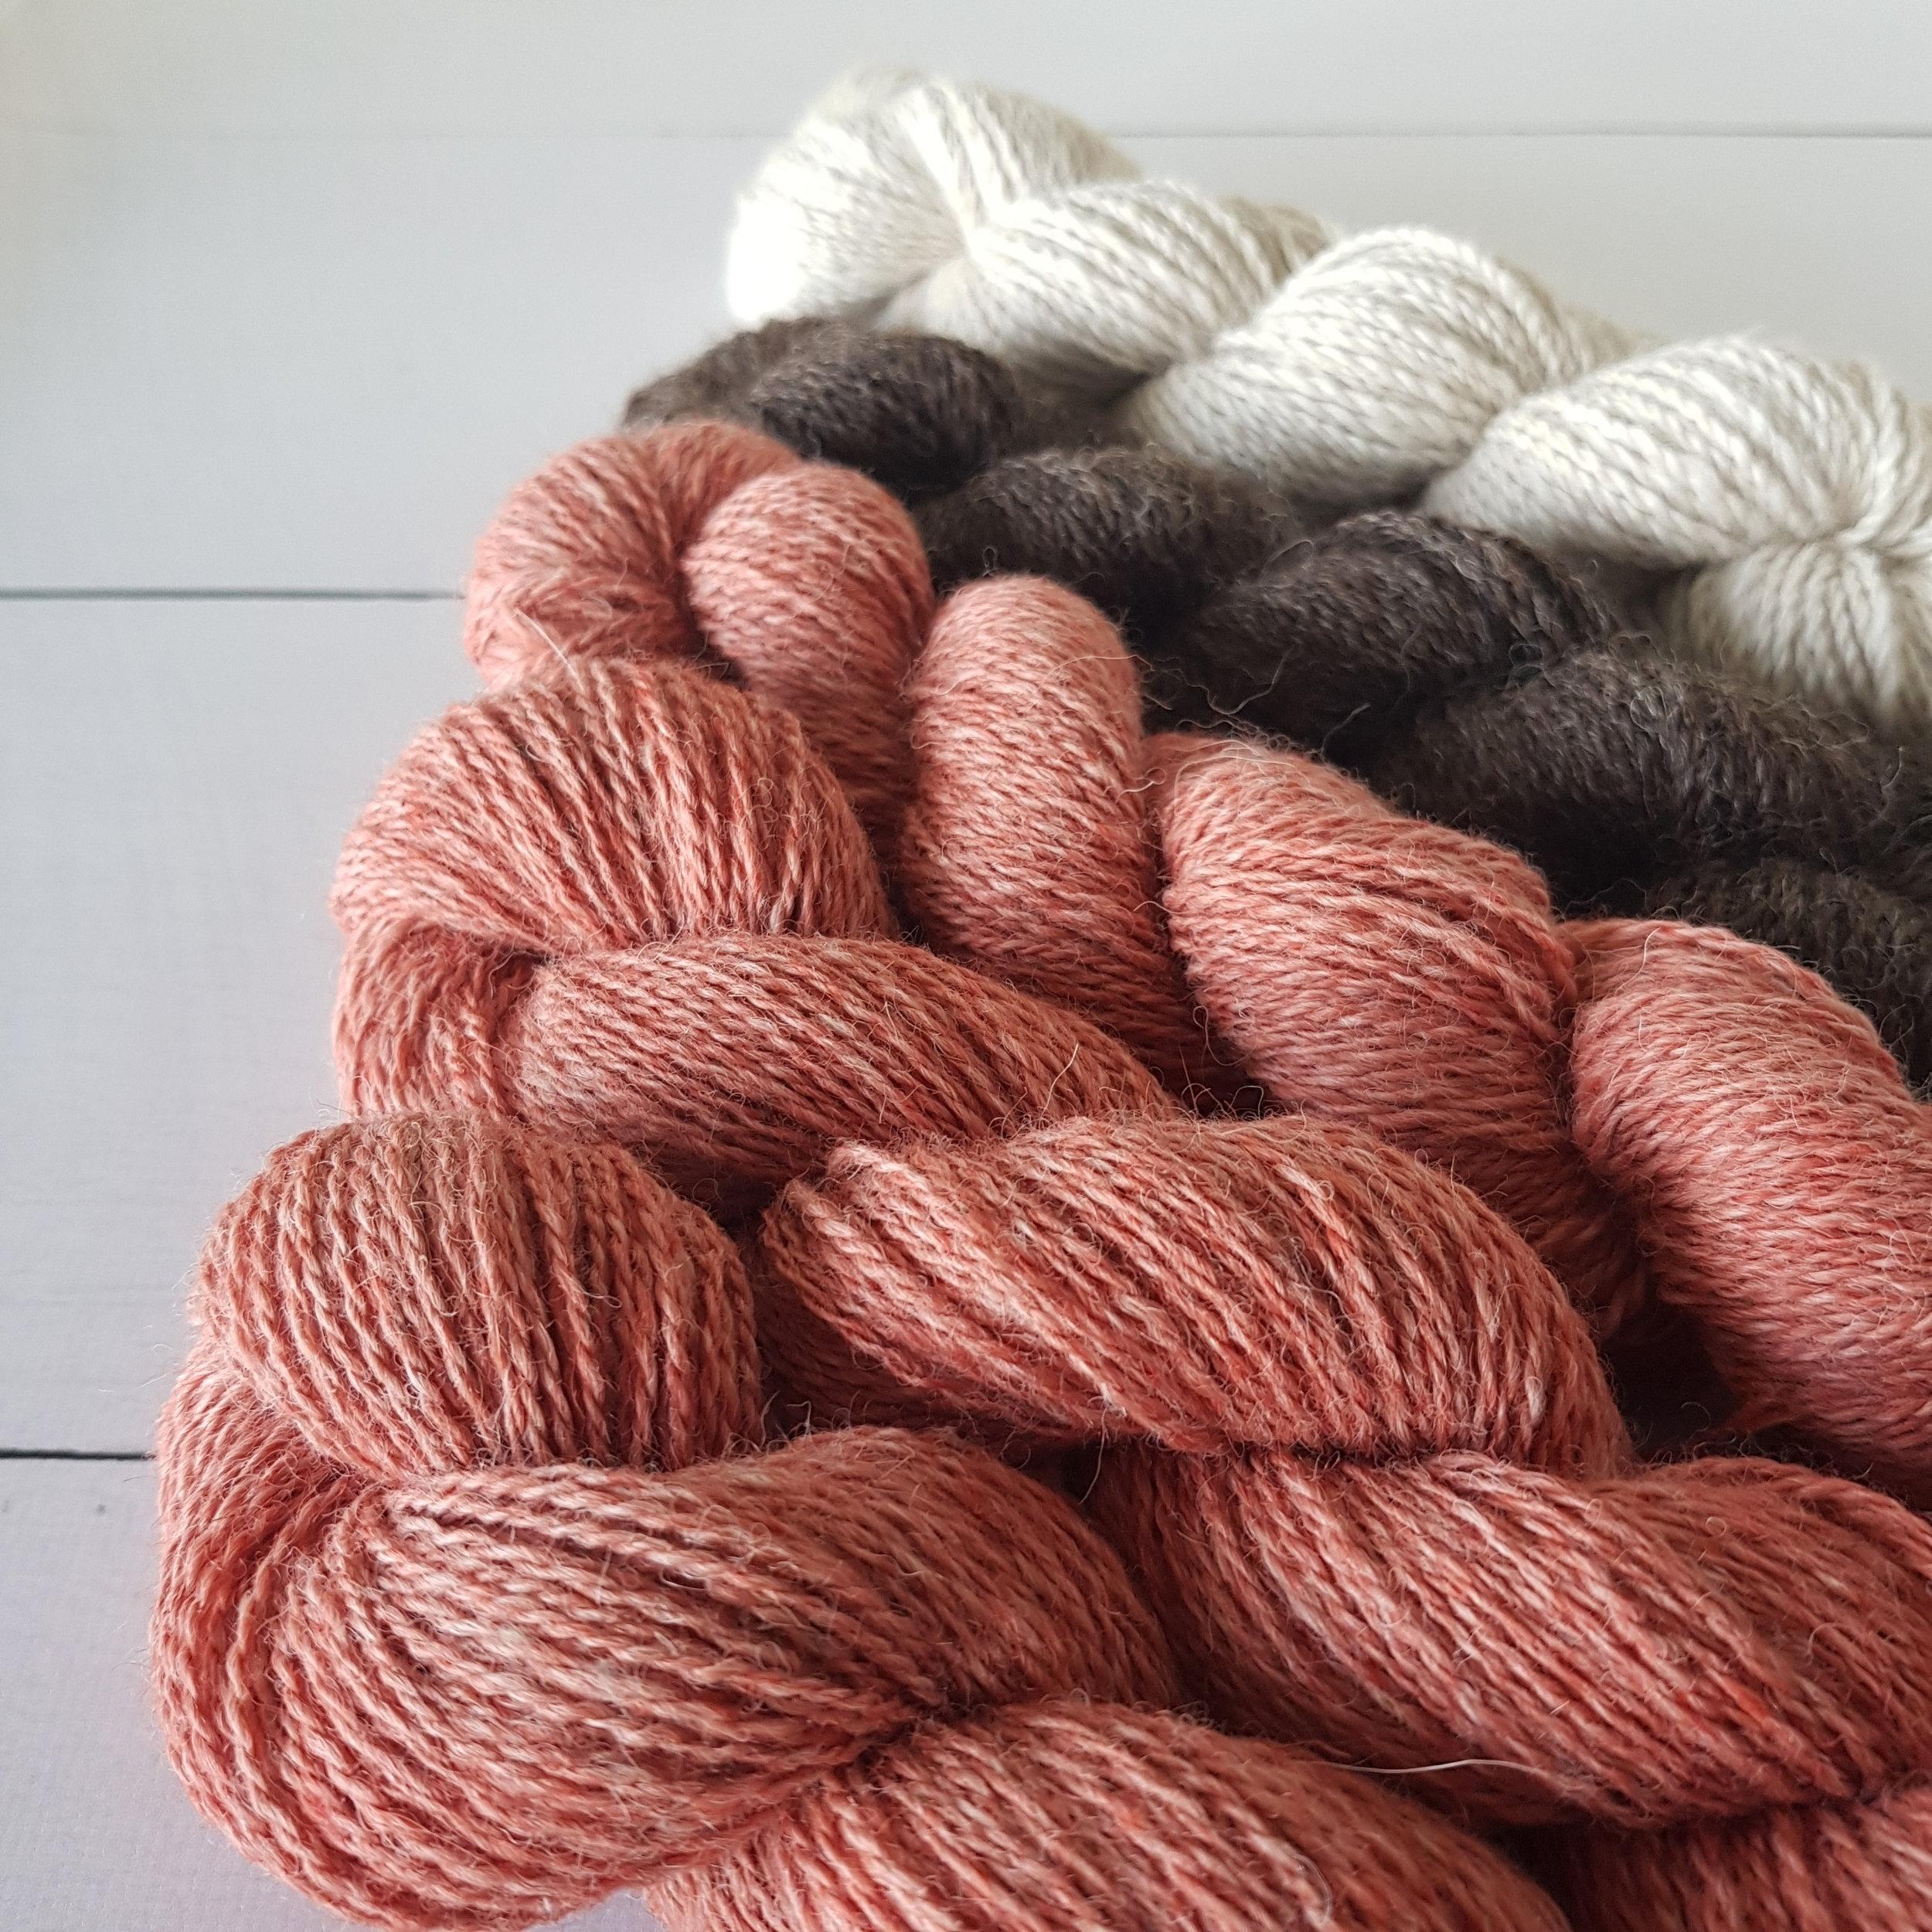 Melert støvet rosa, mørk naturbrun og -hvit.Jakke til tulla er planen!